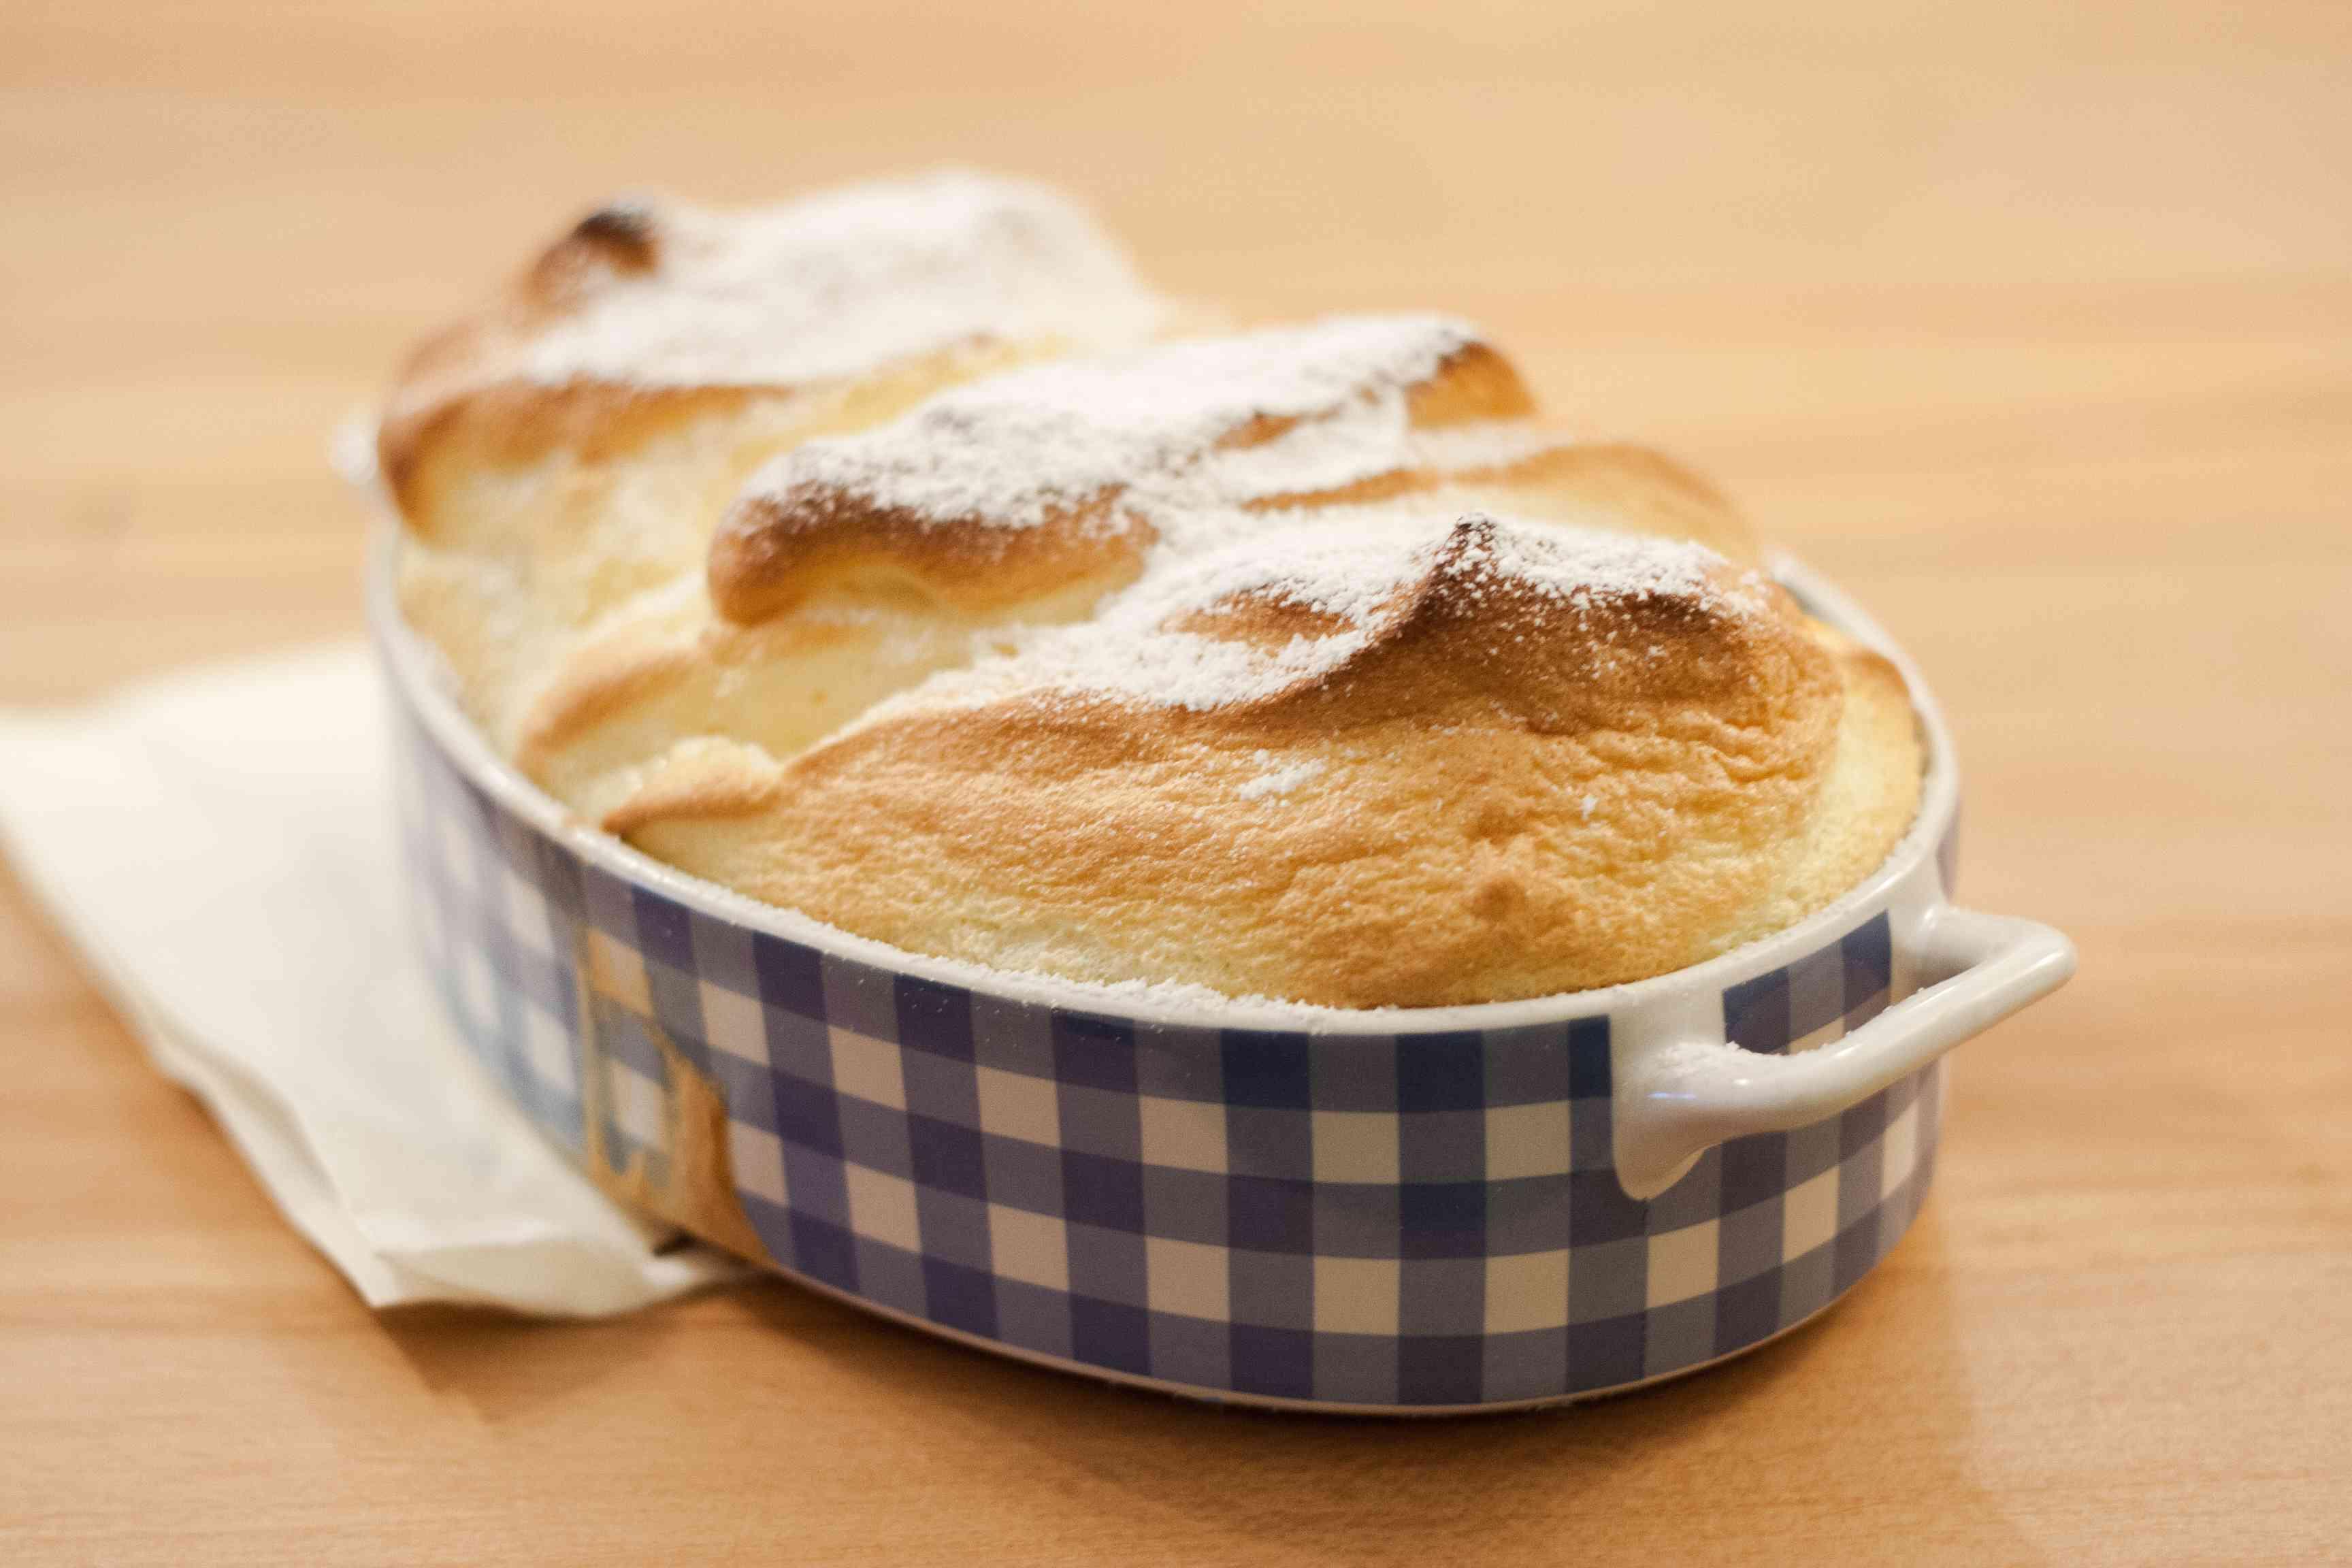 Austrian Baked Vanilla Souffle